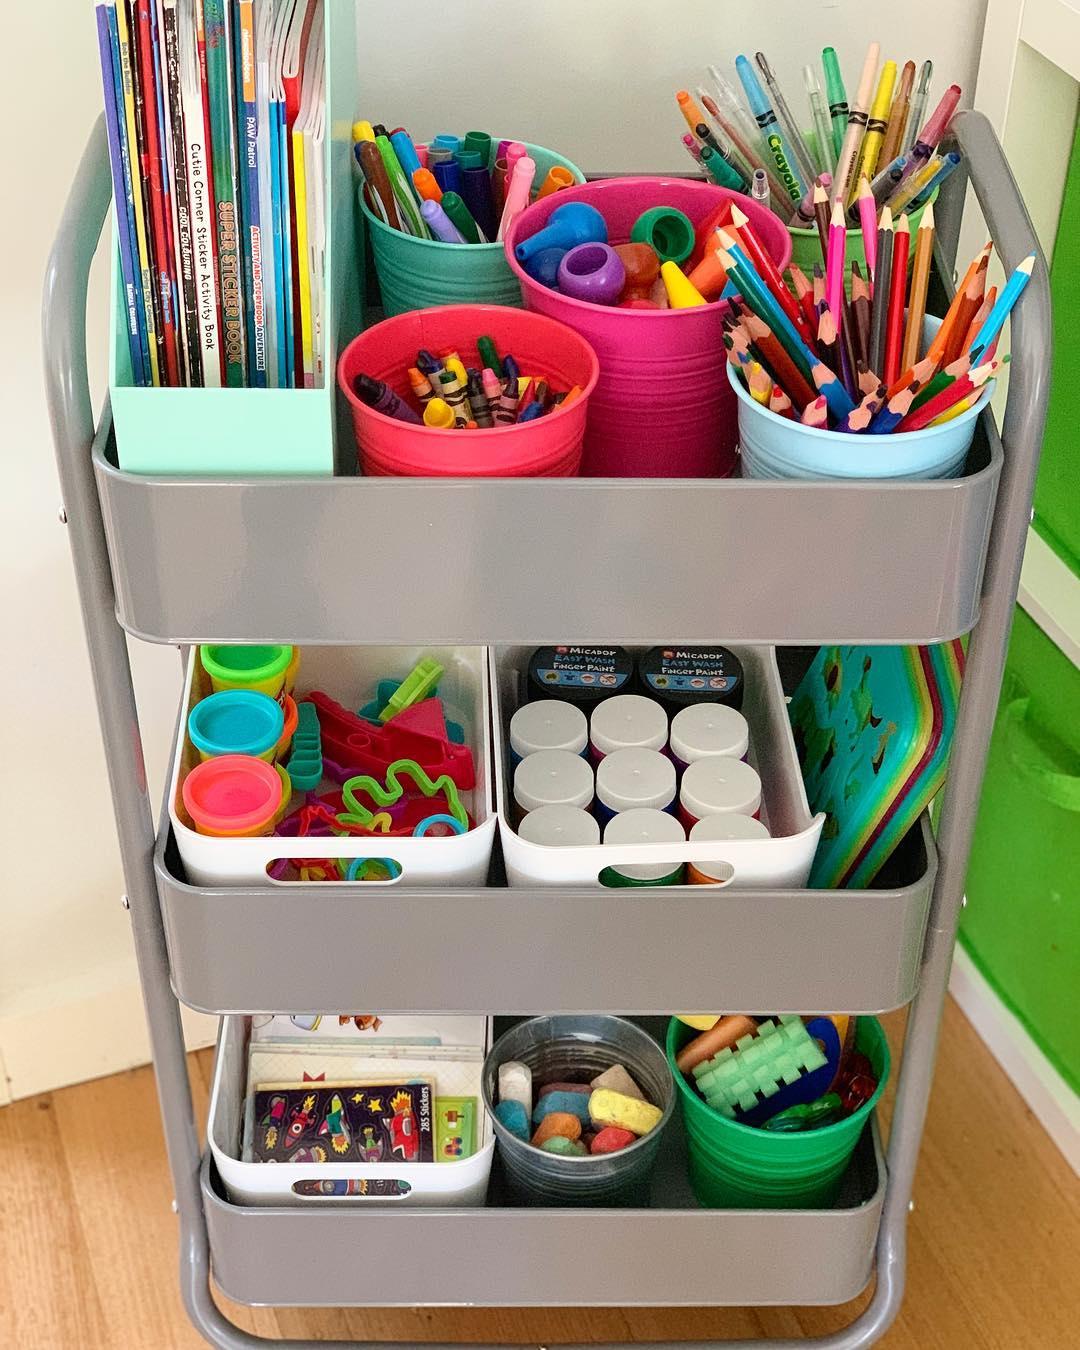 организация пространства для хранения вещей фото 4